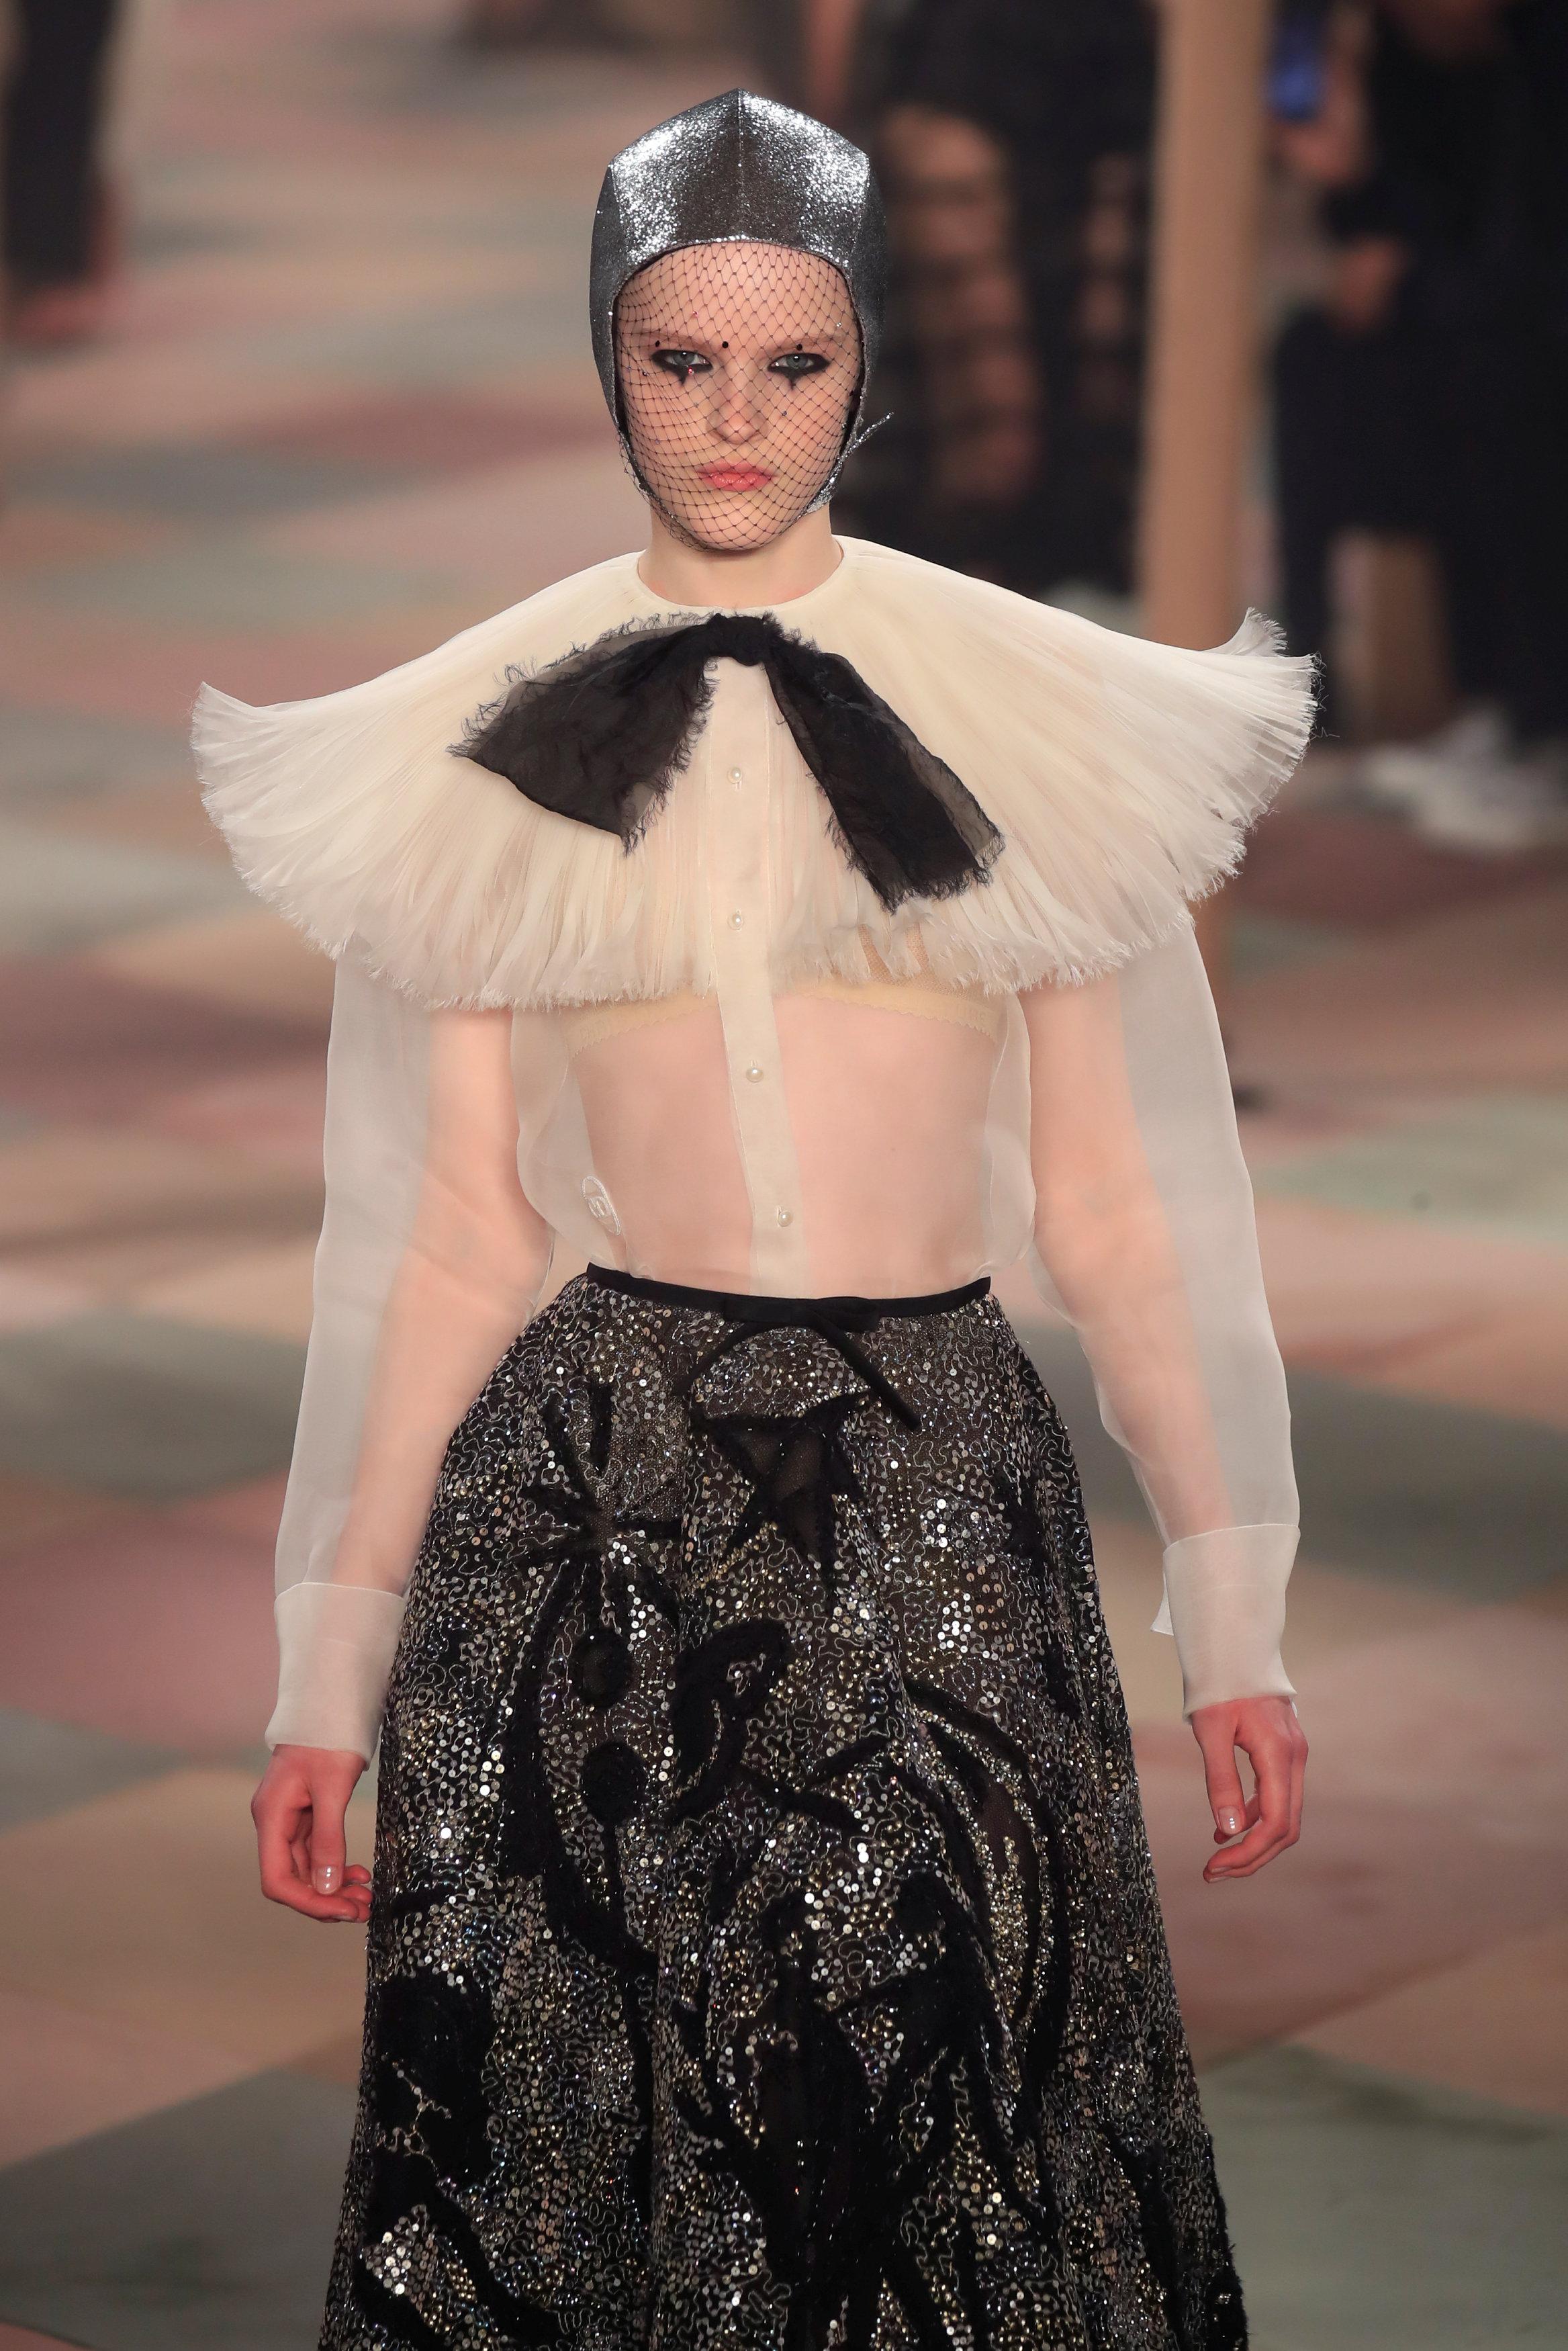 عرض أزياء ماكسيم سيمنز خلال أسبوع الموضة بباريس (6)